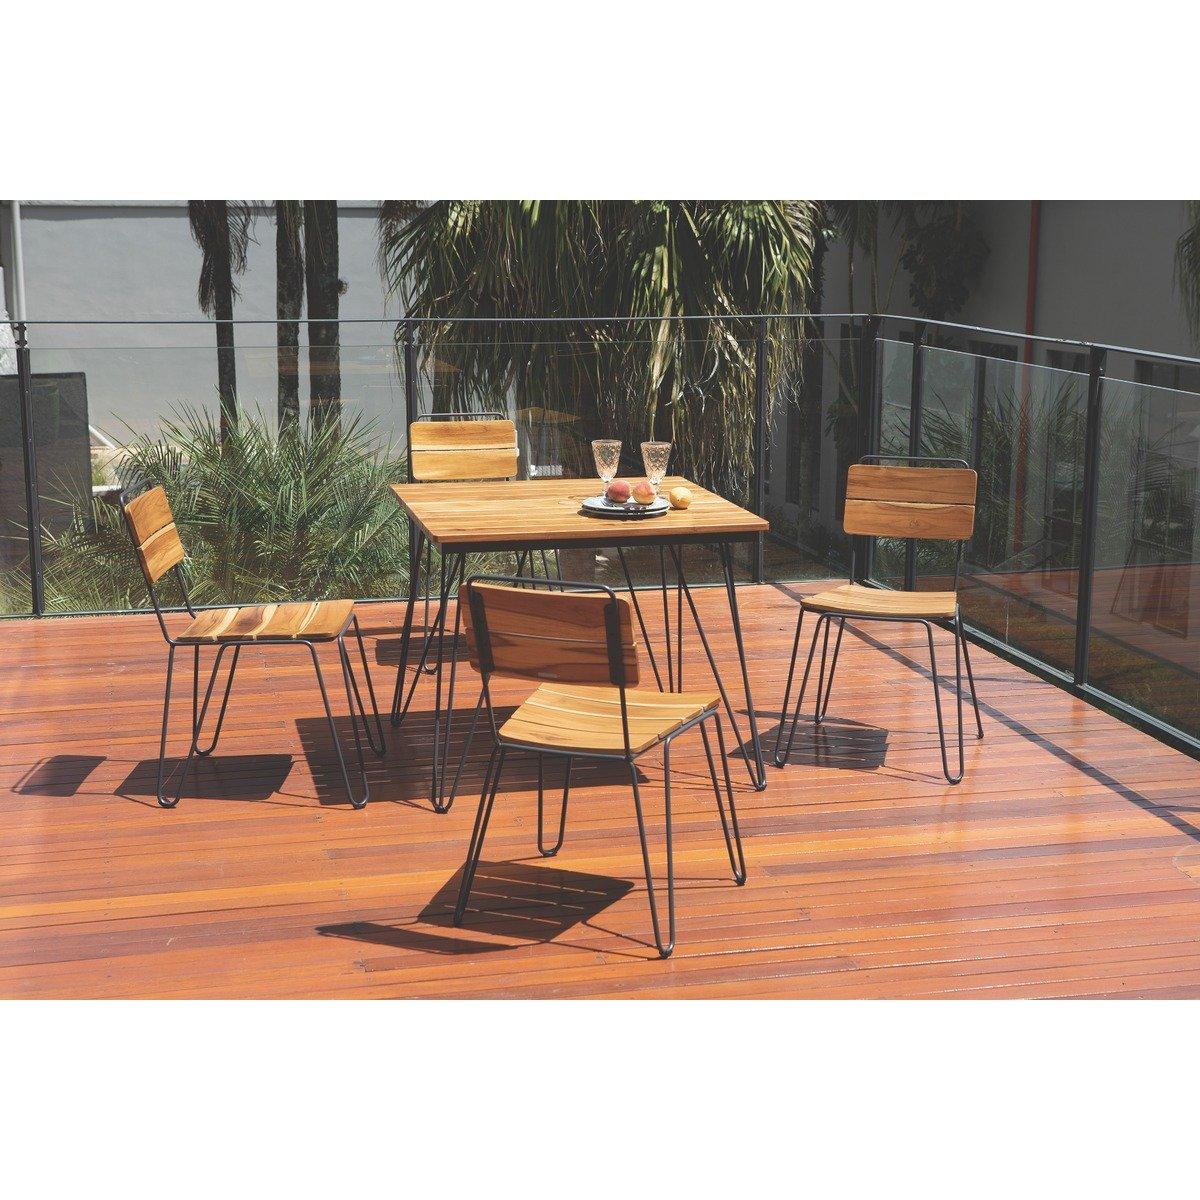 Cadeira Tramontina Tarsila em Madeira Teca com Estrutura em Aço Carbono e Acabamento Ecoclear Grafite